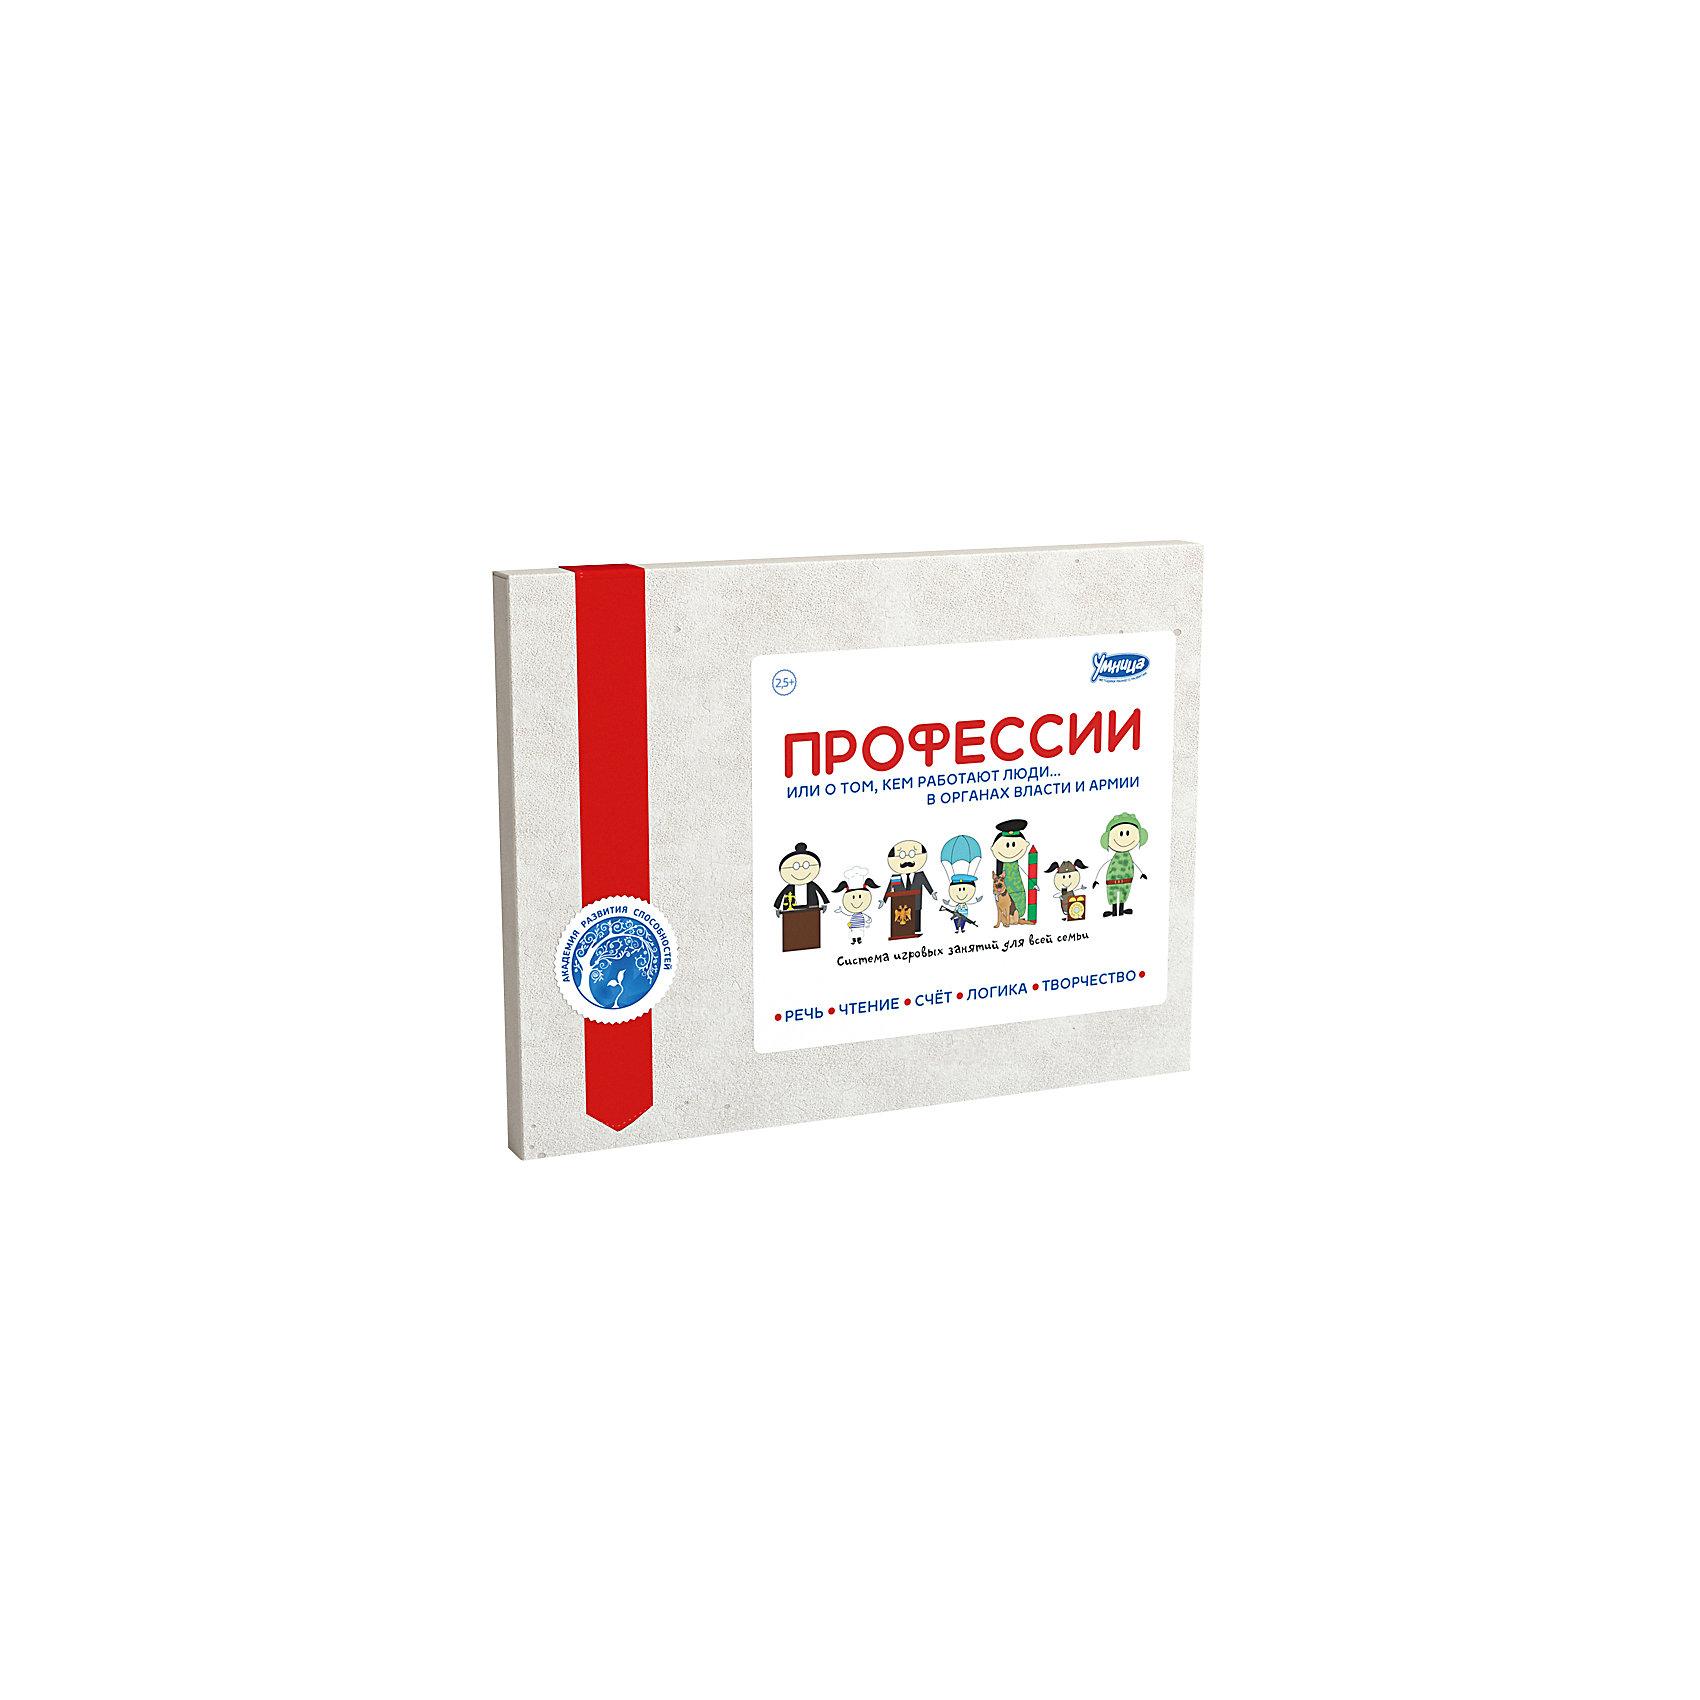 Настольная игра Профессии: Власть и армияУмница<br>Характеристики:<br><br>• Вид игр: обучающие, развивающие<br>• Серия: Развивающие книги<br>• Материал: картон, бумага<br>• Комплектация: 3 книги о профессиях, набор карточек с буквами и цифрами, комплект игровых фишек<br>• Тип упаковки: картонная коробка с ручкой<br>• Размеры упаковки (Д*Ш*В): 30,5*23,5*28 см<br>• Вес в упаковке: 1 кг 240 г<br><br>Книга Профессии: Власть и армия состоит из 3 книжек, в которых приведено описание рода занятий людей, занятых в армии и органах власти. Каждая профессия сопровождается иллюстративным материалом и текстами. Текстовая часть приведена в сжатой форме и адаптирована для детей дошкольного возраста. Дополнительно в комплекте предусмотрены рекомендации для родителей.<br><br>Книга Профессии: Власть и армия можно купить в нашем интернет-магазине.<br><br>Ширина мм: 305<br>Глубина мм: 235<br>Высота мм: 280<br>Вес г: 1240<br>Возраст от месяцев: 36<br>Возраст до месяцев: 2147483647<br>Пол: Унисекс<br>Возраст: Детский<br>SKU: 5523173